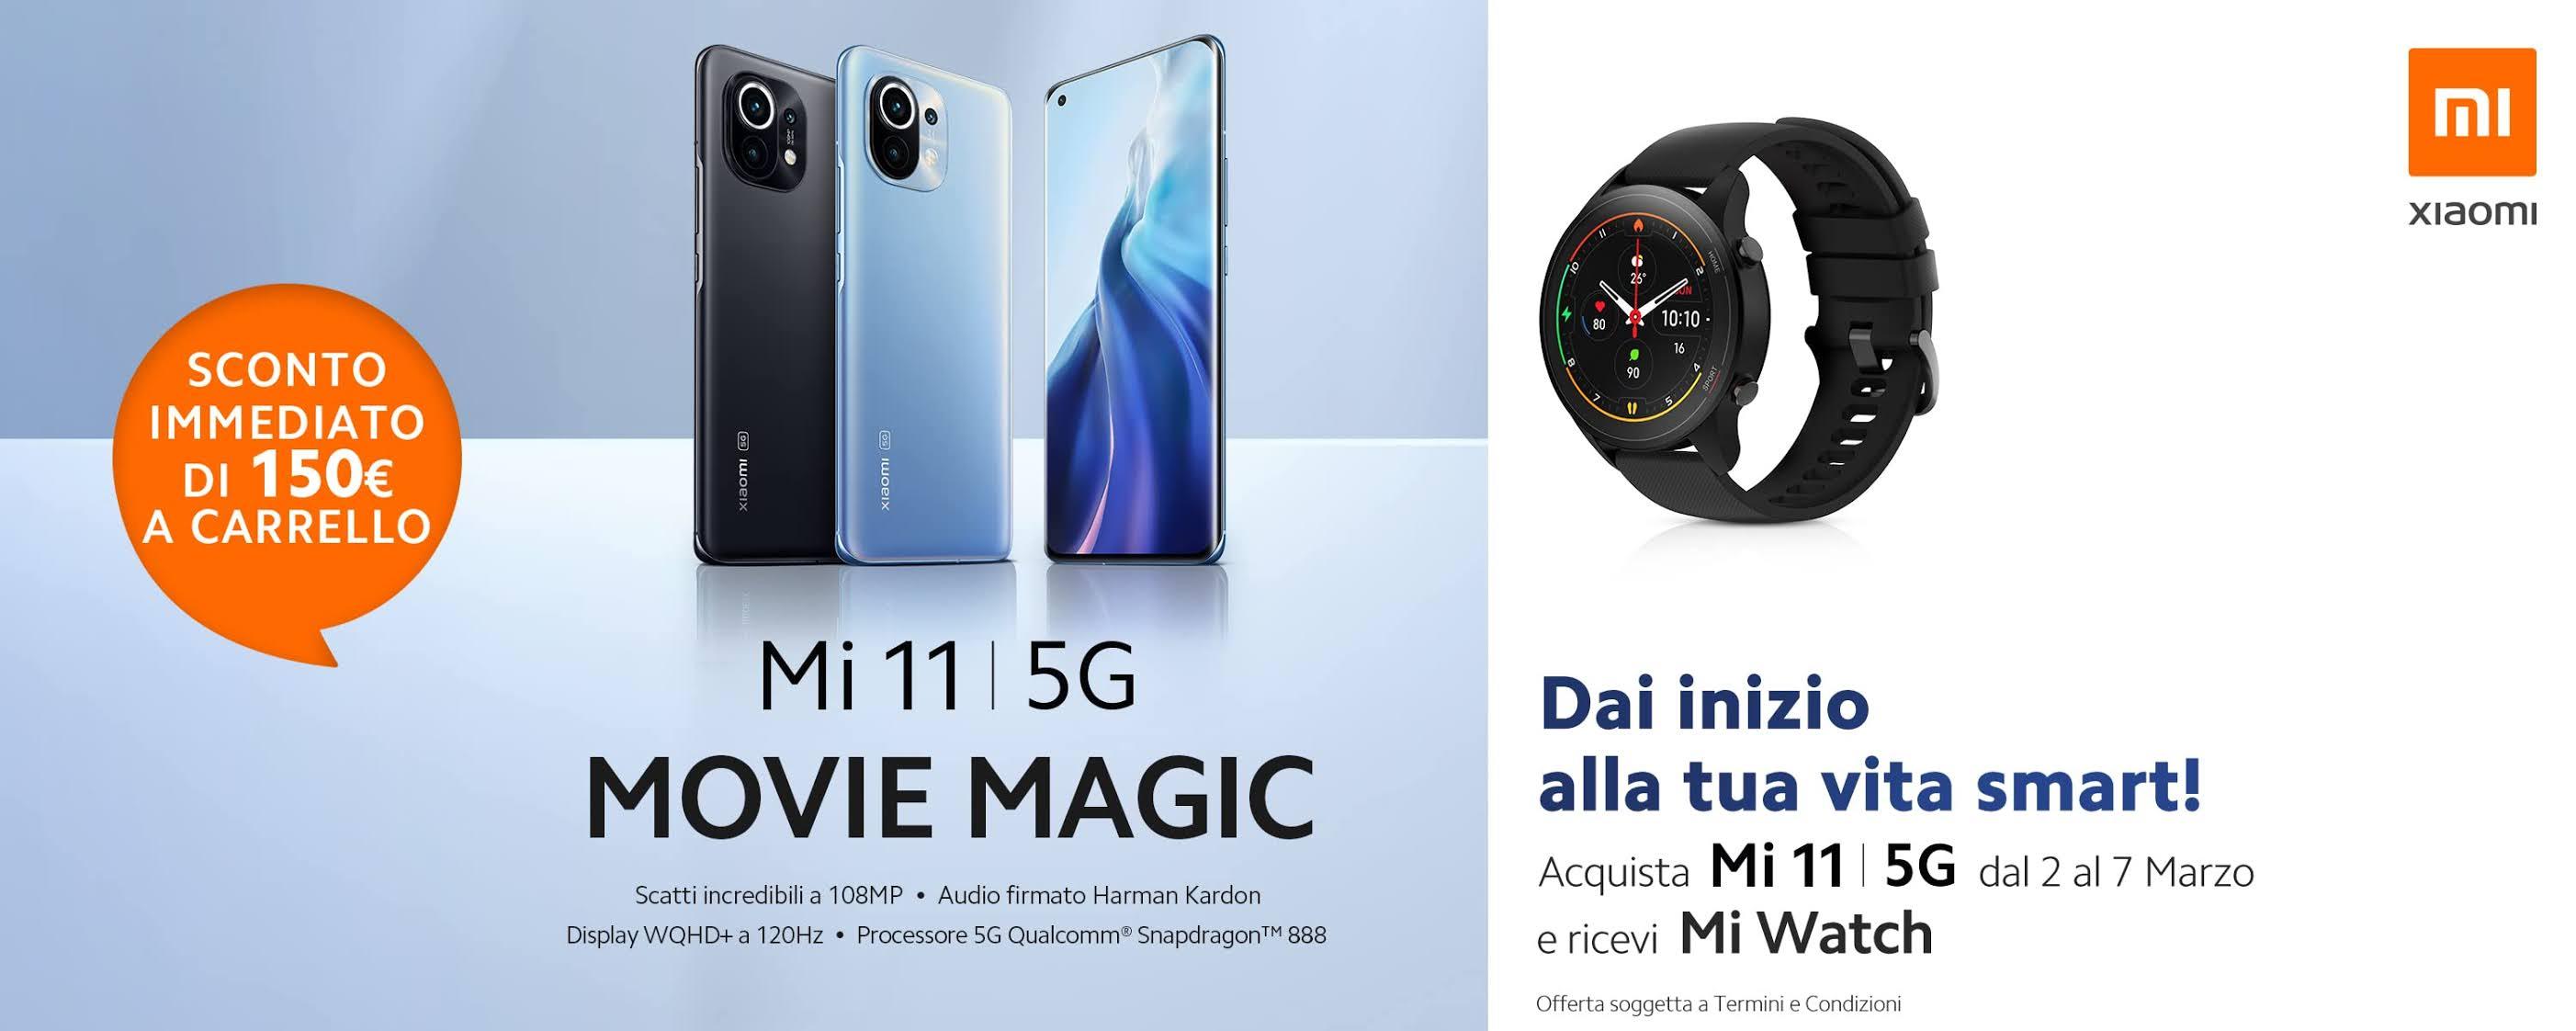 [Offerte e regali] Xiaomi Mi 11 disponibile ufficialmente in Italia